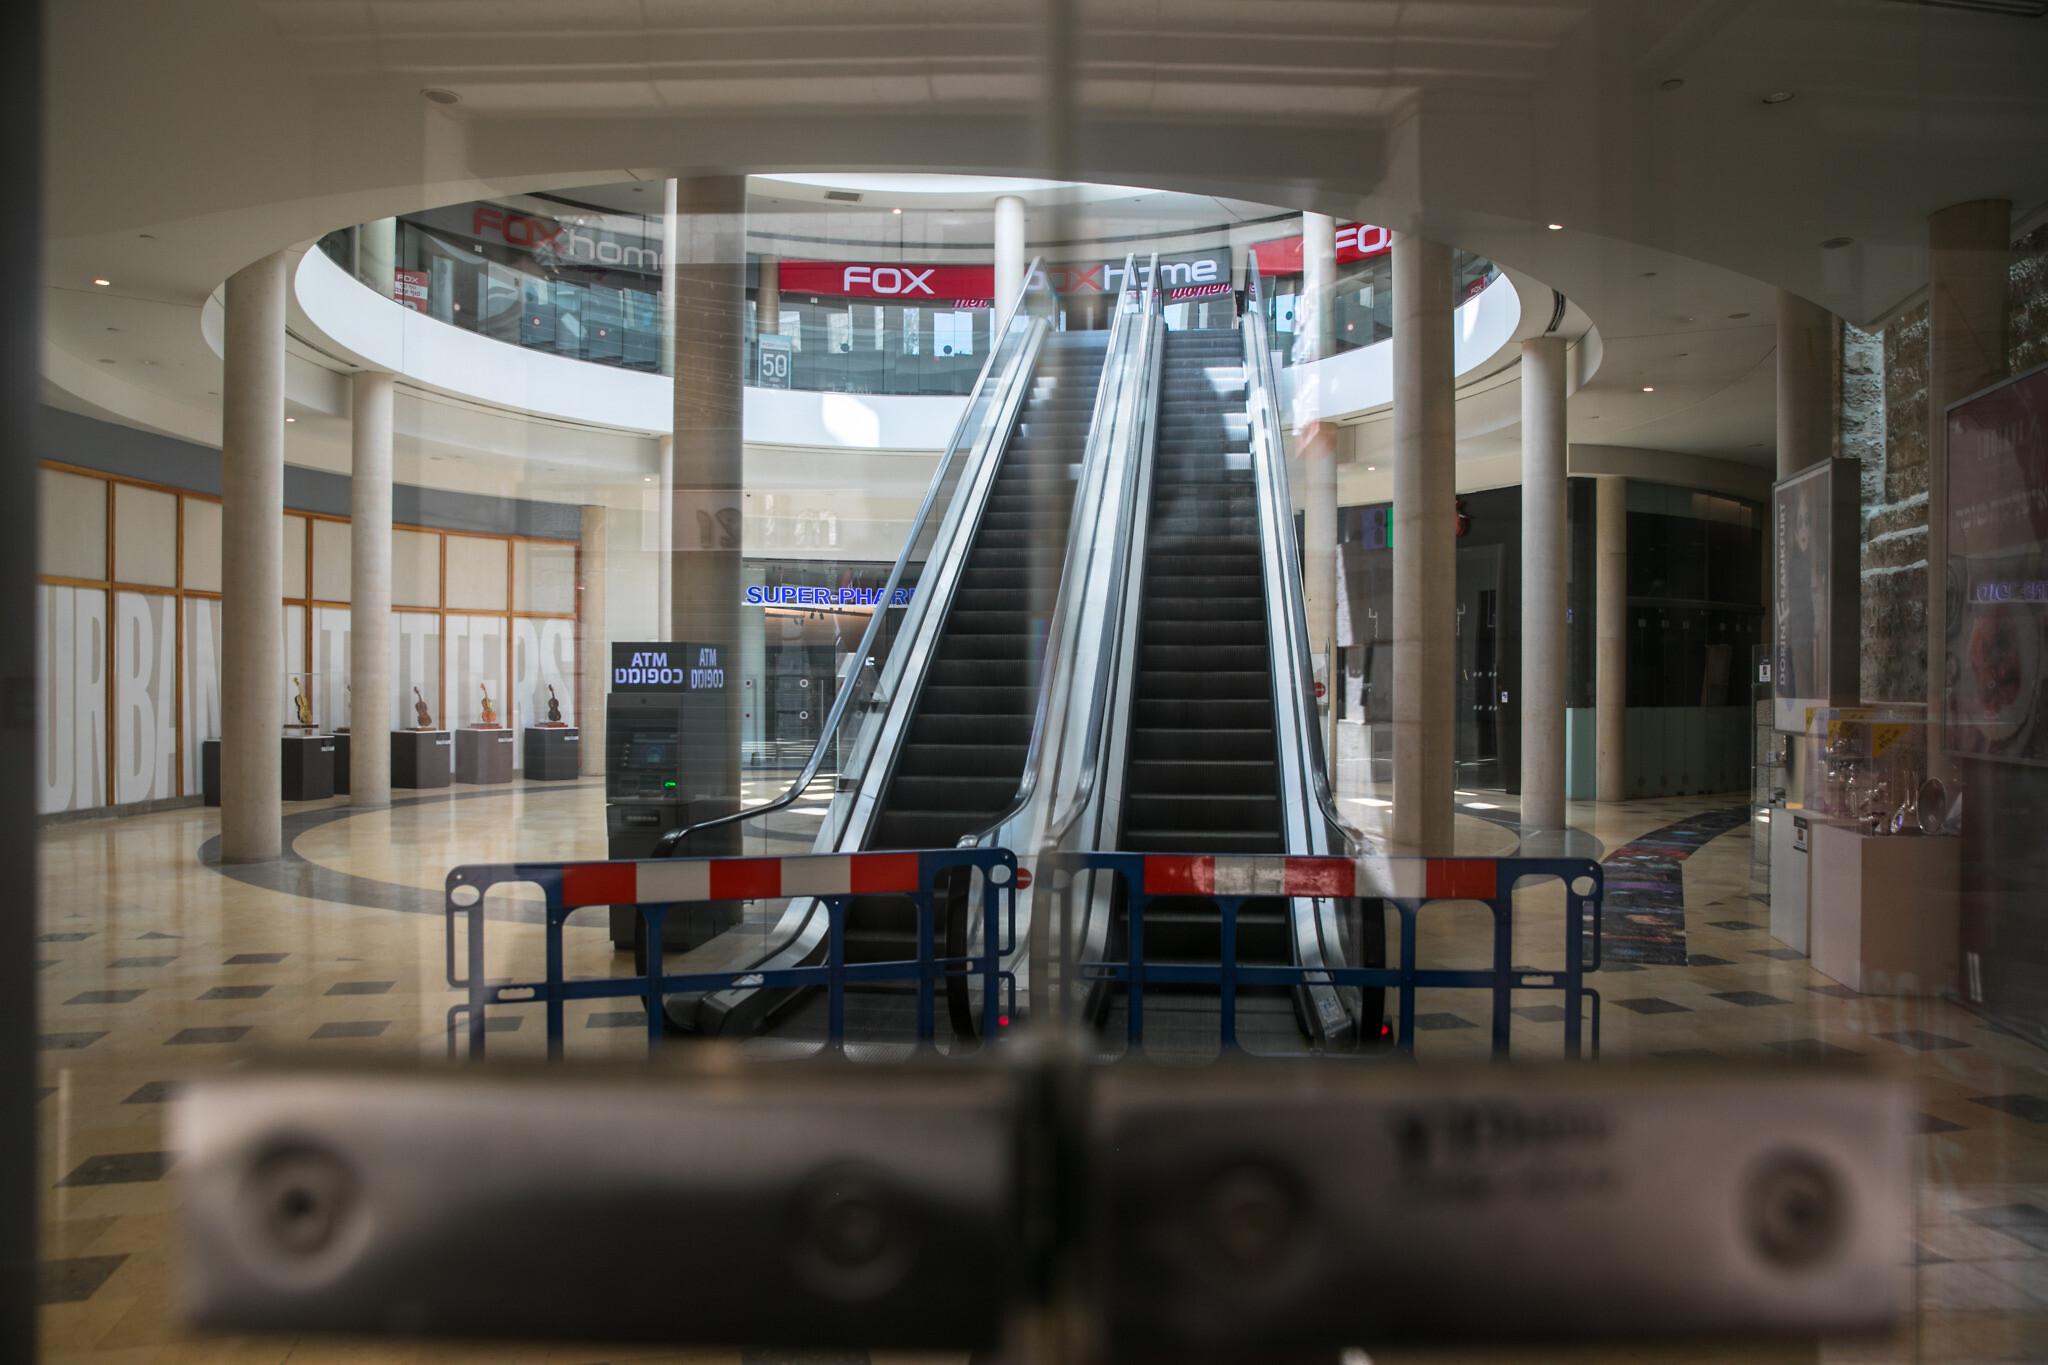 Százezer szerológiai teszt elvégzésére készülnek, hamarosan kinyitnak a bevásárlóközpontok is Izraelben